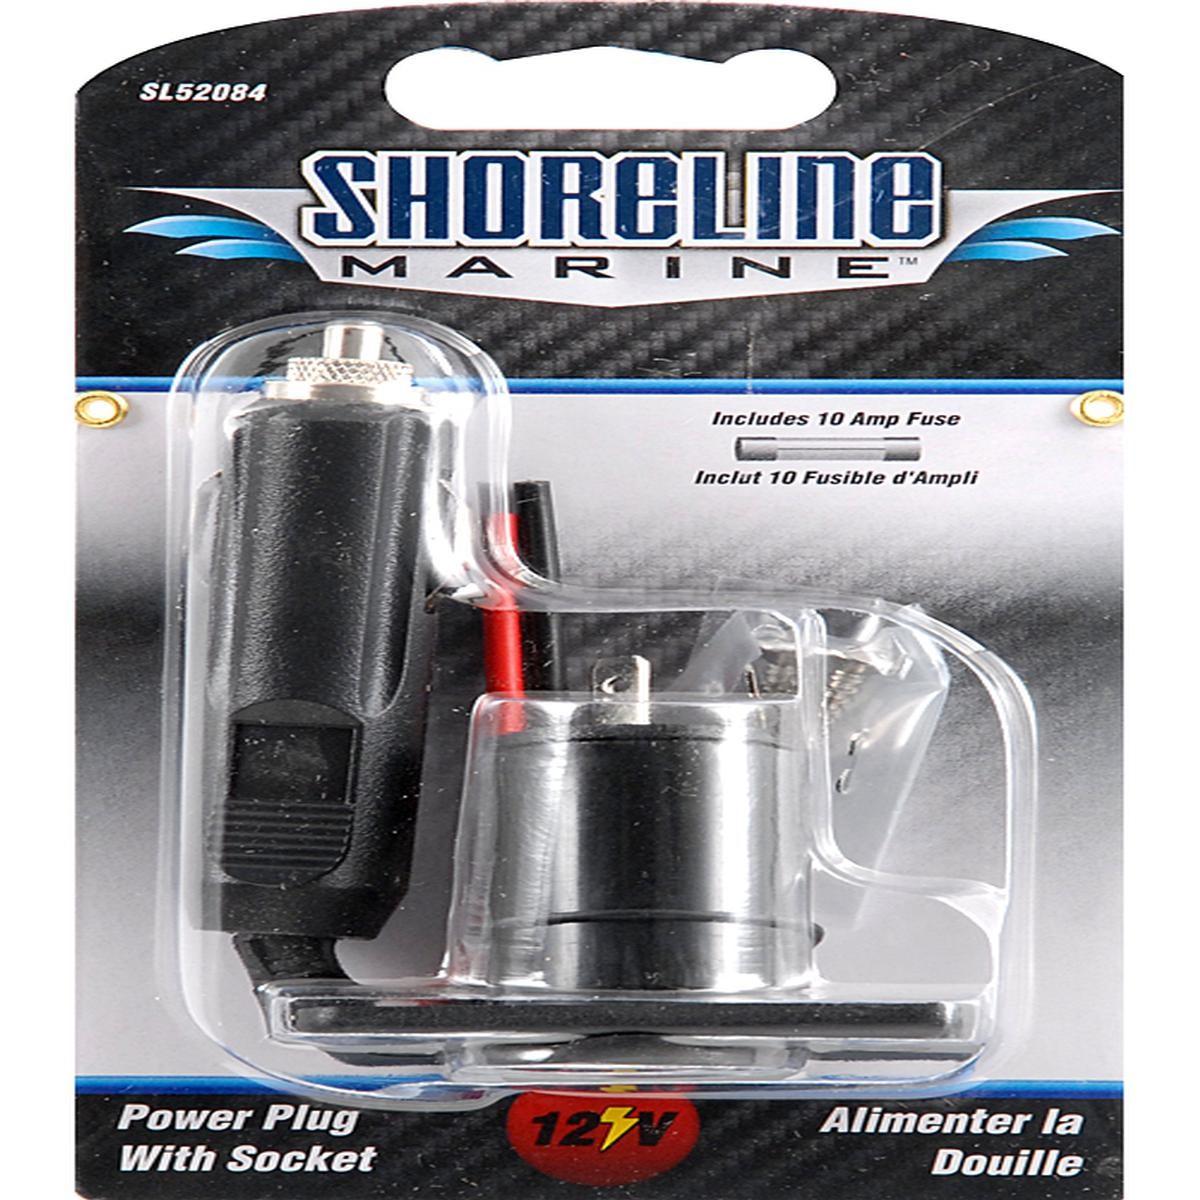 Shoreline Marine 12 V Power Plug with Socket